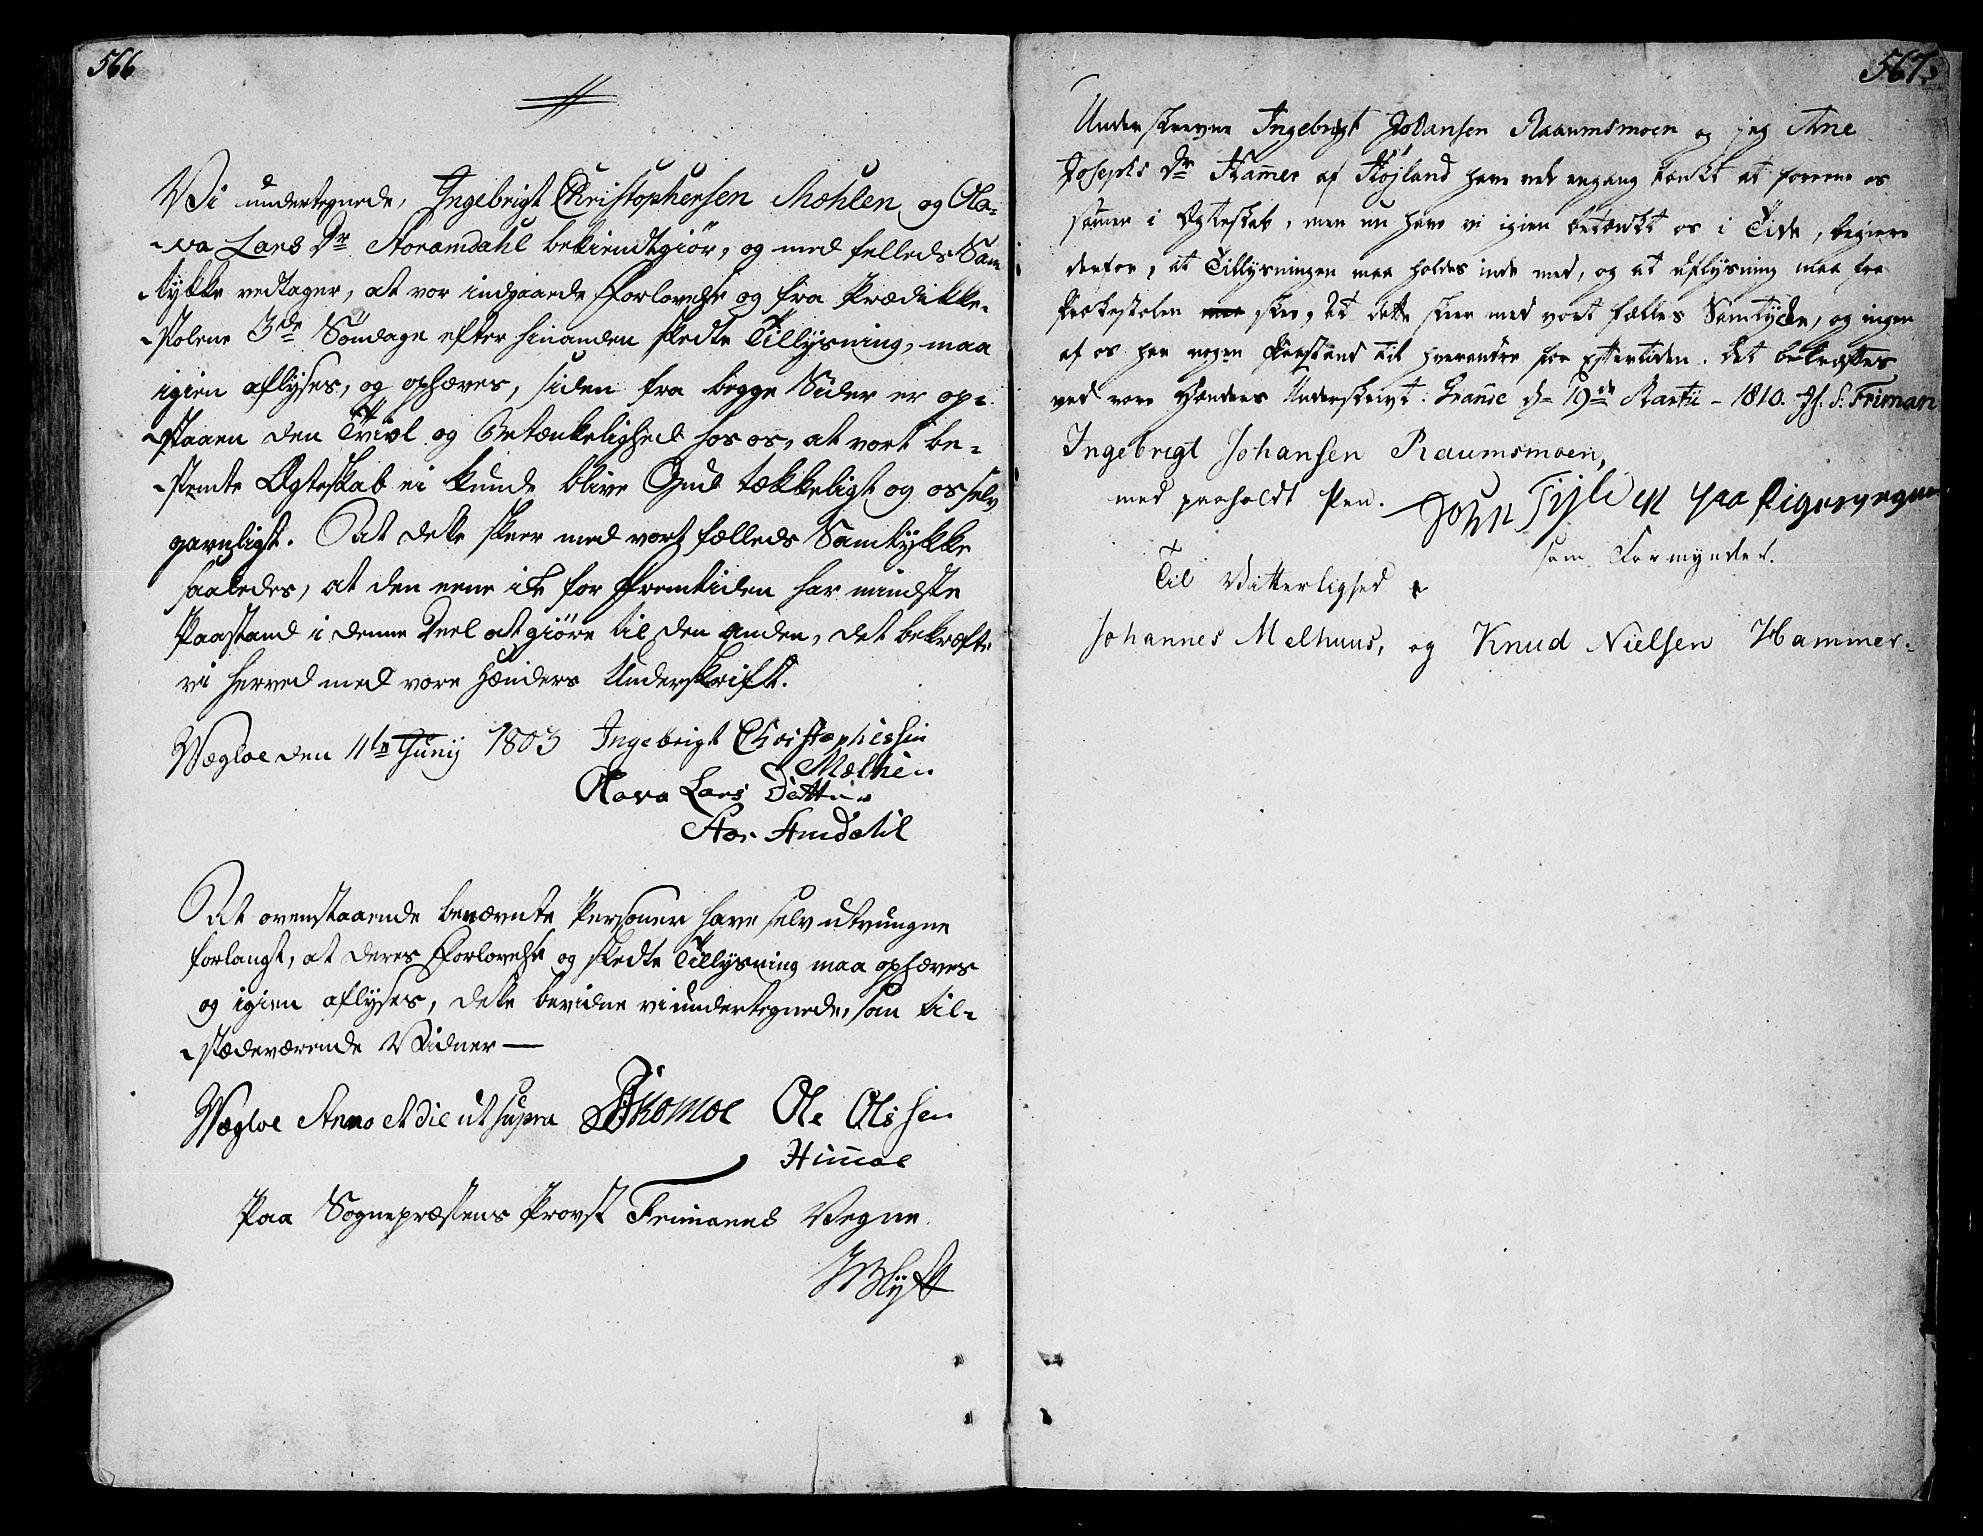 SAT, Ministerialprotokoller, klokkerbøker og fødselsregistre - Nord-Trøndelag, 764/L0545: Ministerialbok nr. 764A05, 1799-1816, s. 566-567